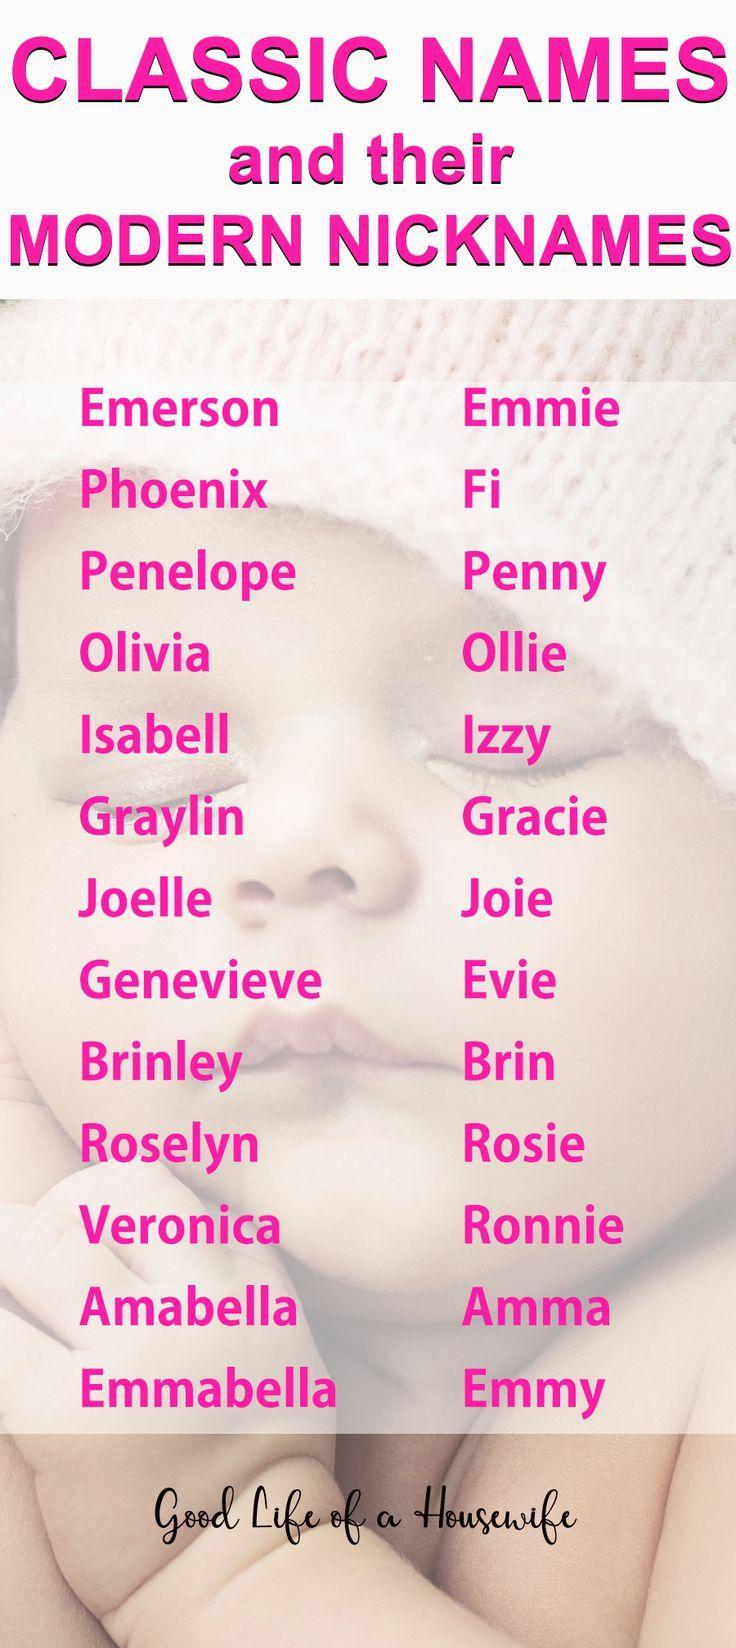 Girl friend nick names